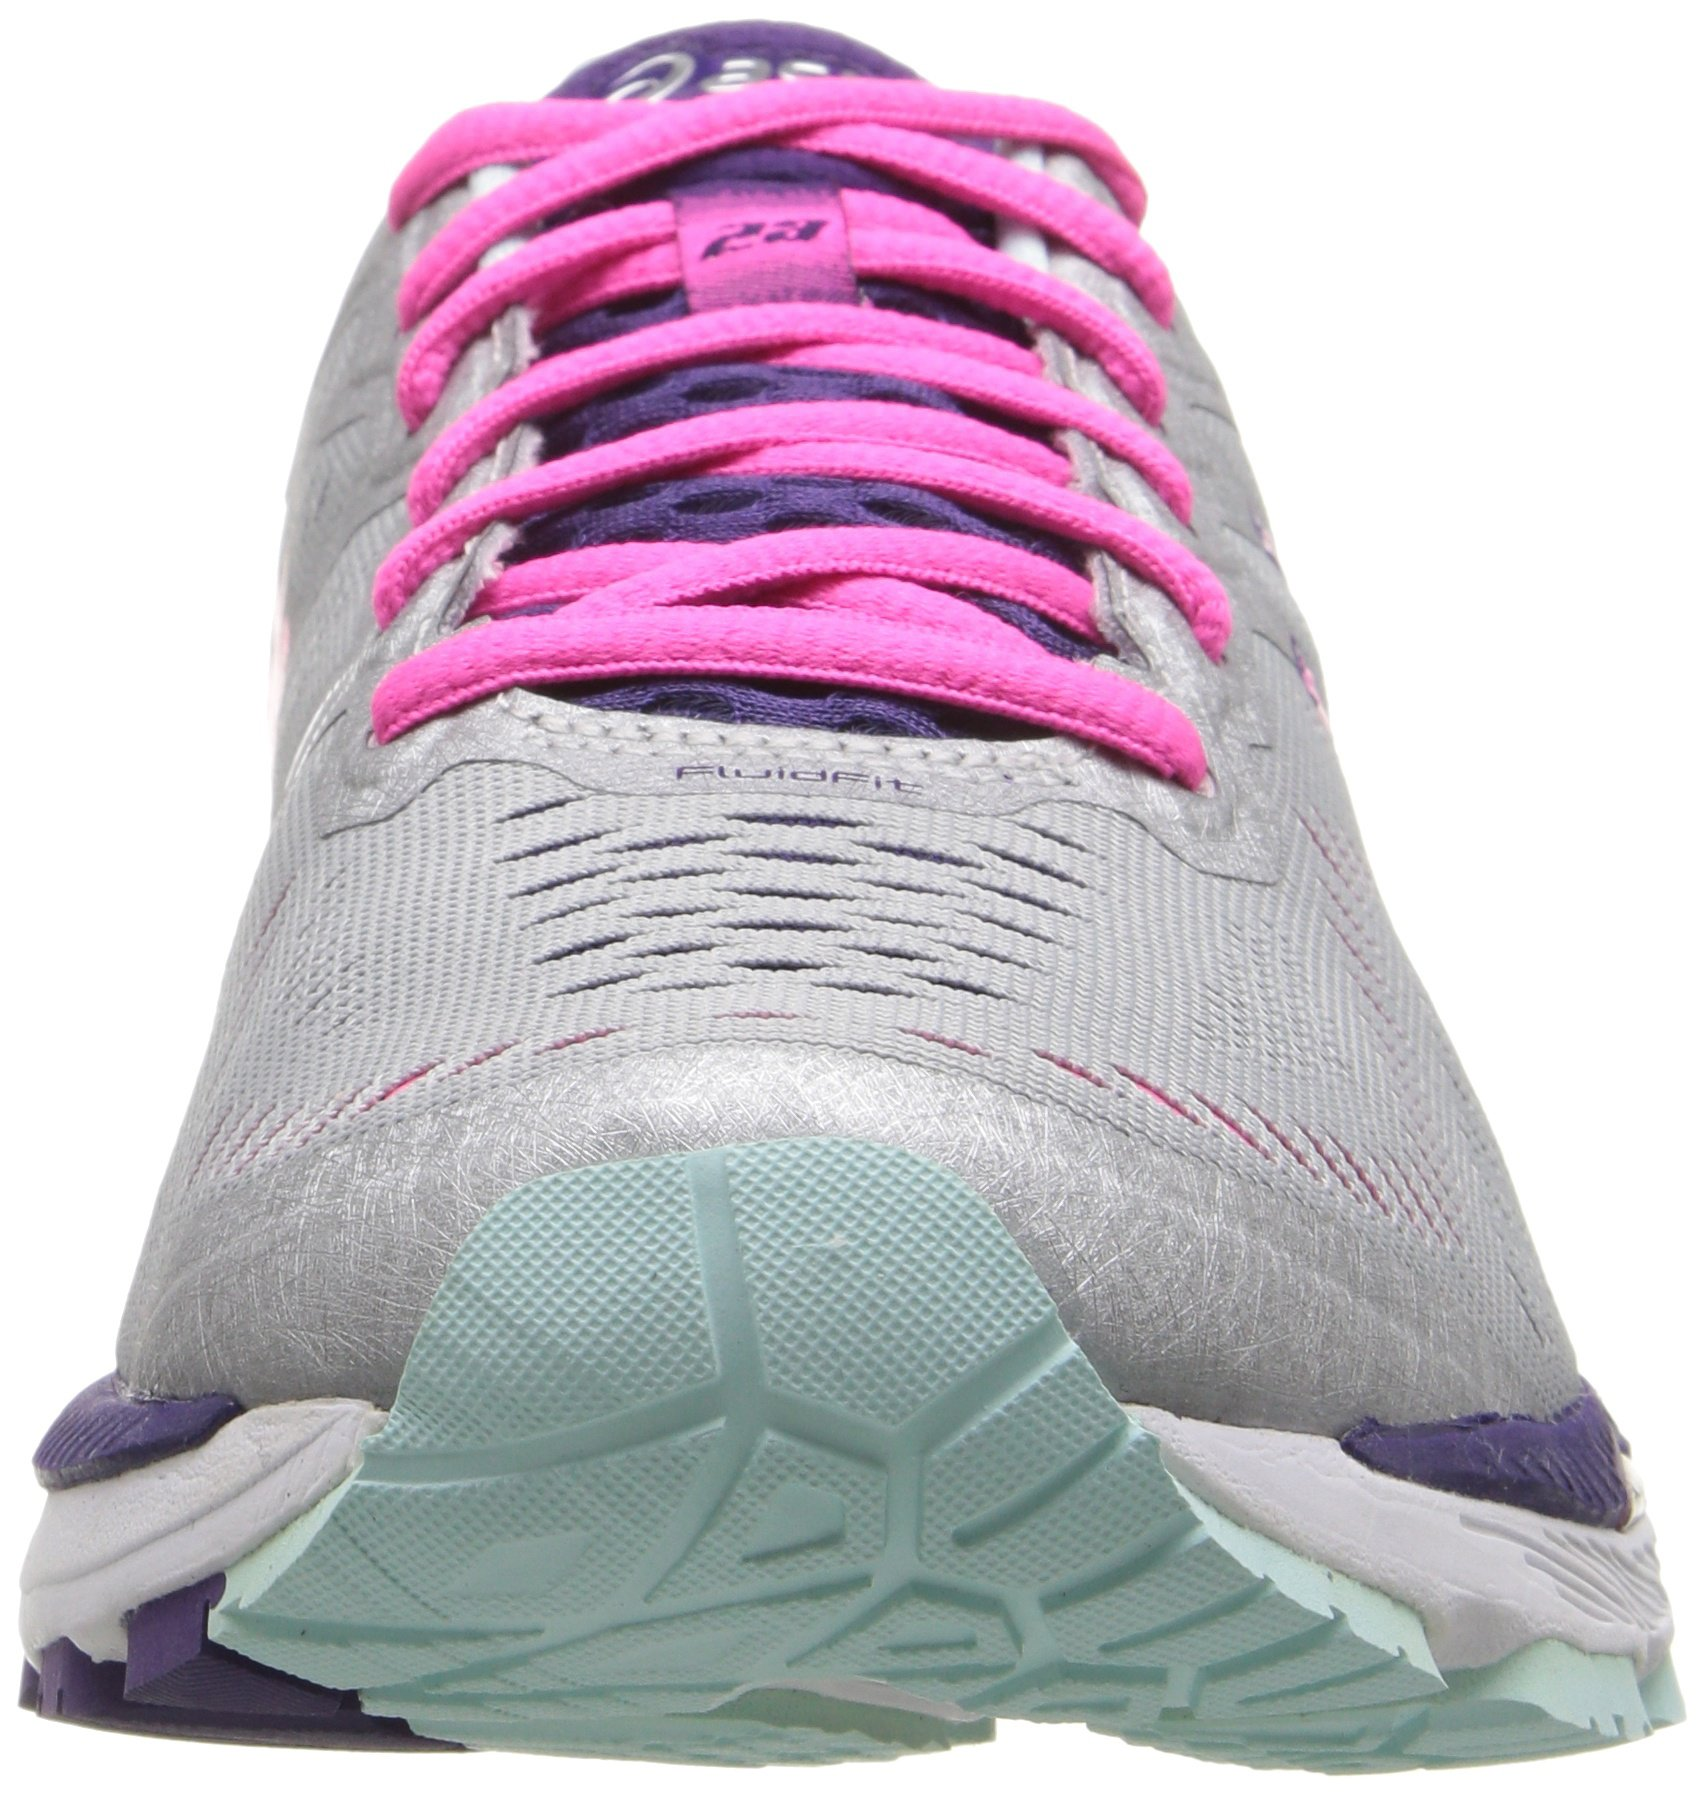 81g%2B%2BN0vOxL - ASICS Women's Gel-Kayano 23 Running Shoe, Silver/Pink Glow/Parachute Purple, 5.5 UK